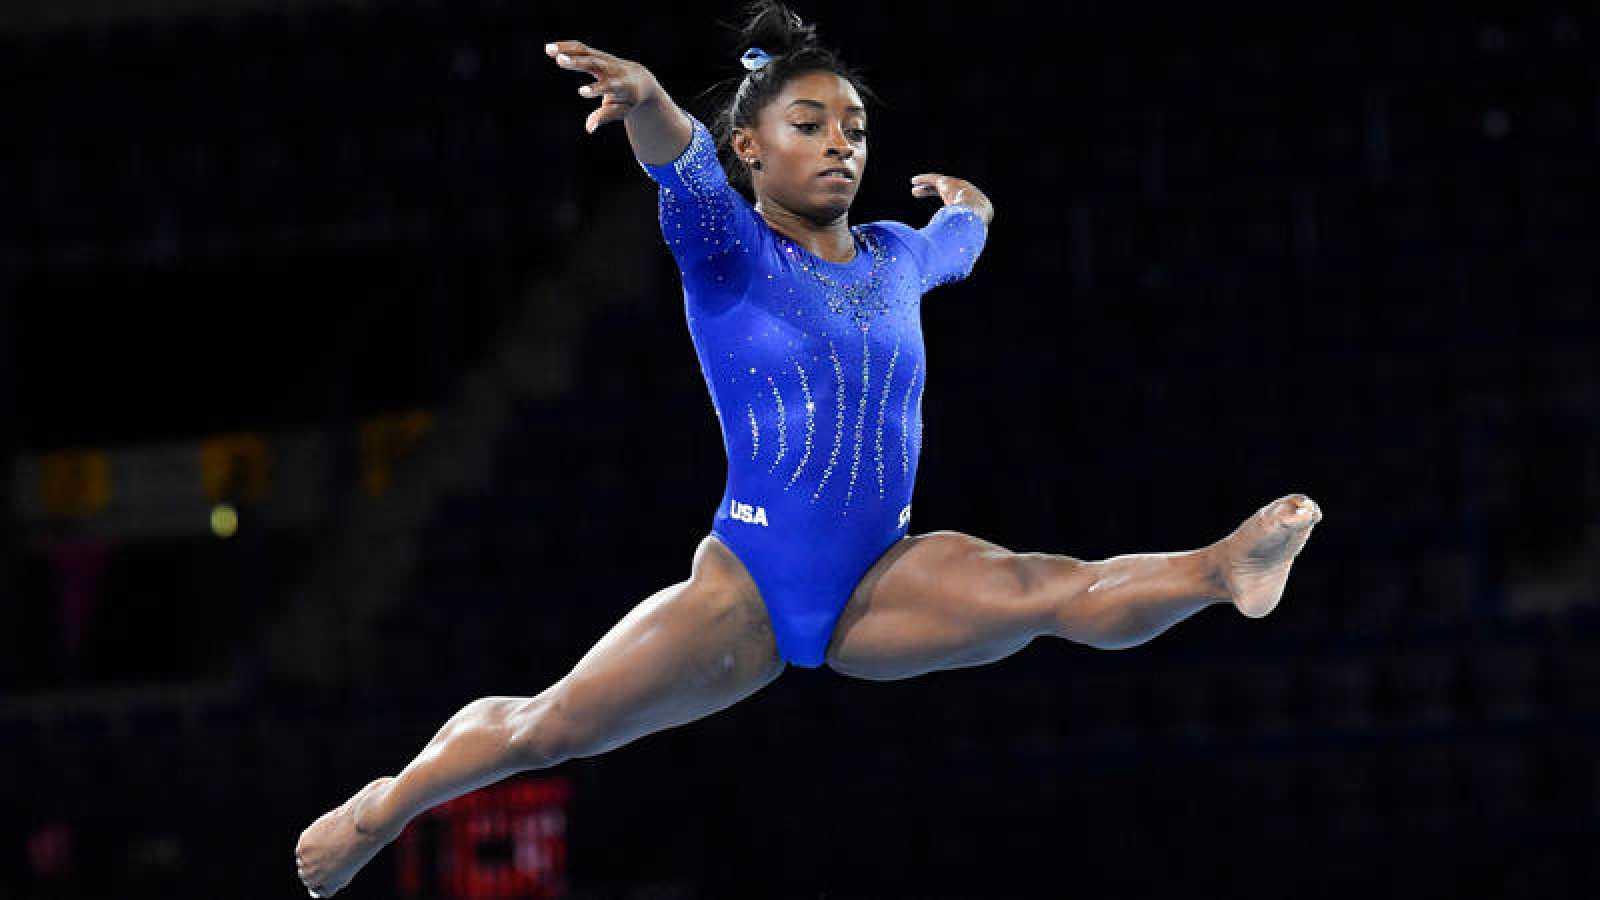 La gimnasta estadounidense Simone Biles, en un entrenamiento.